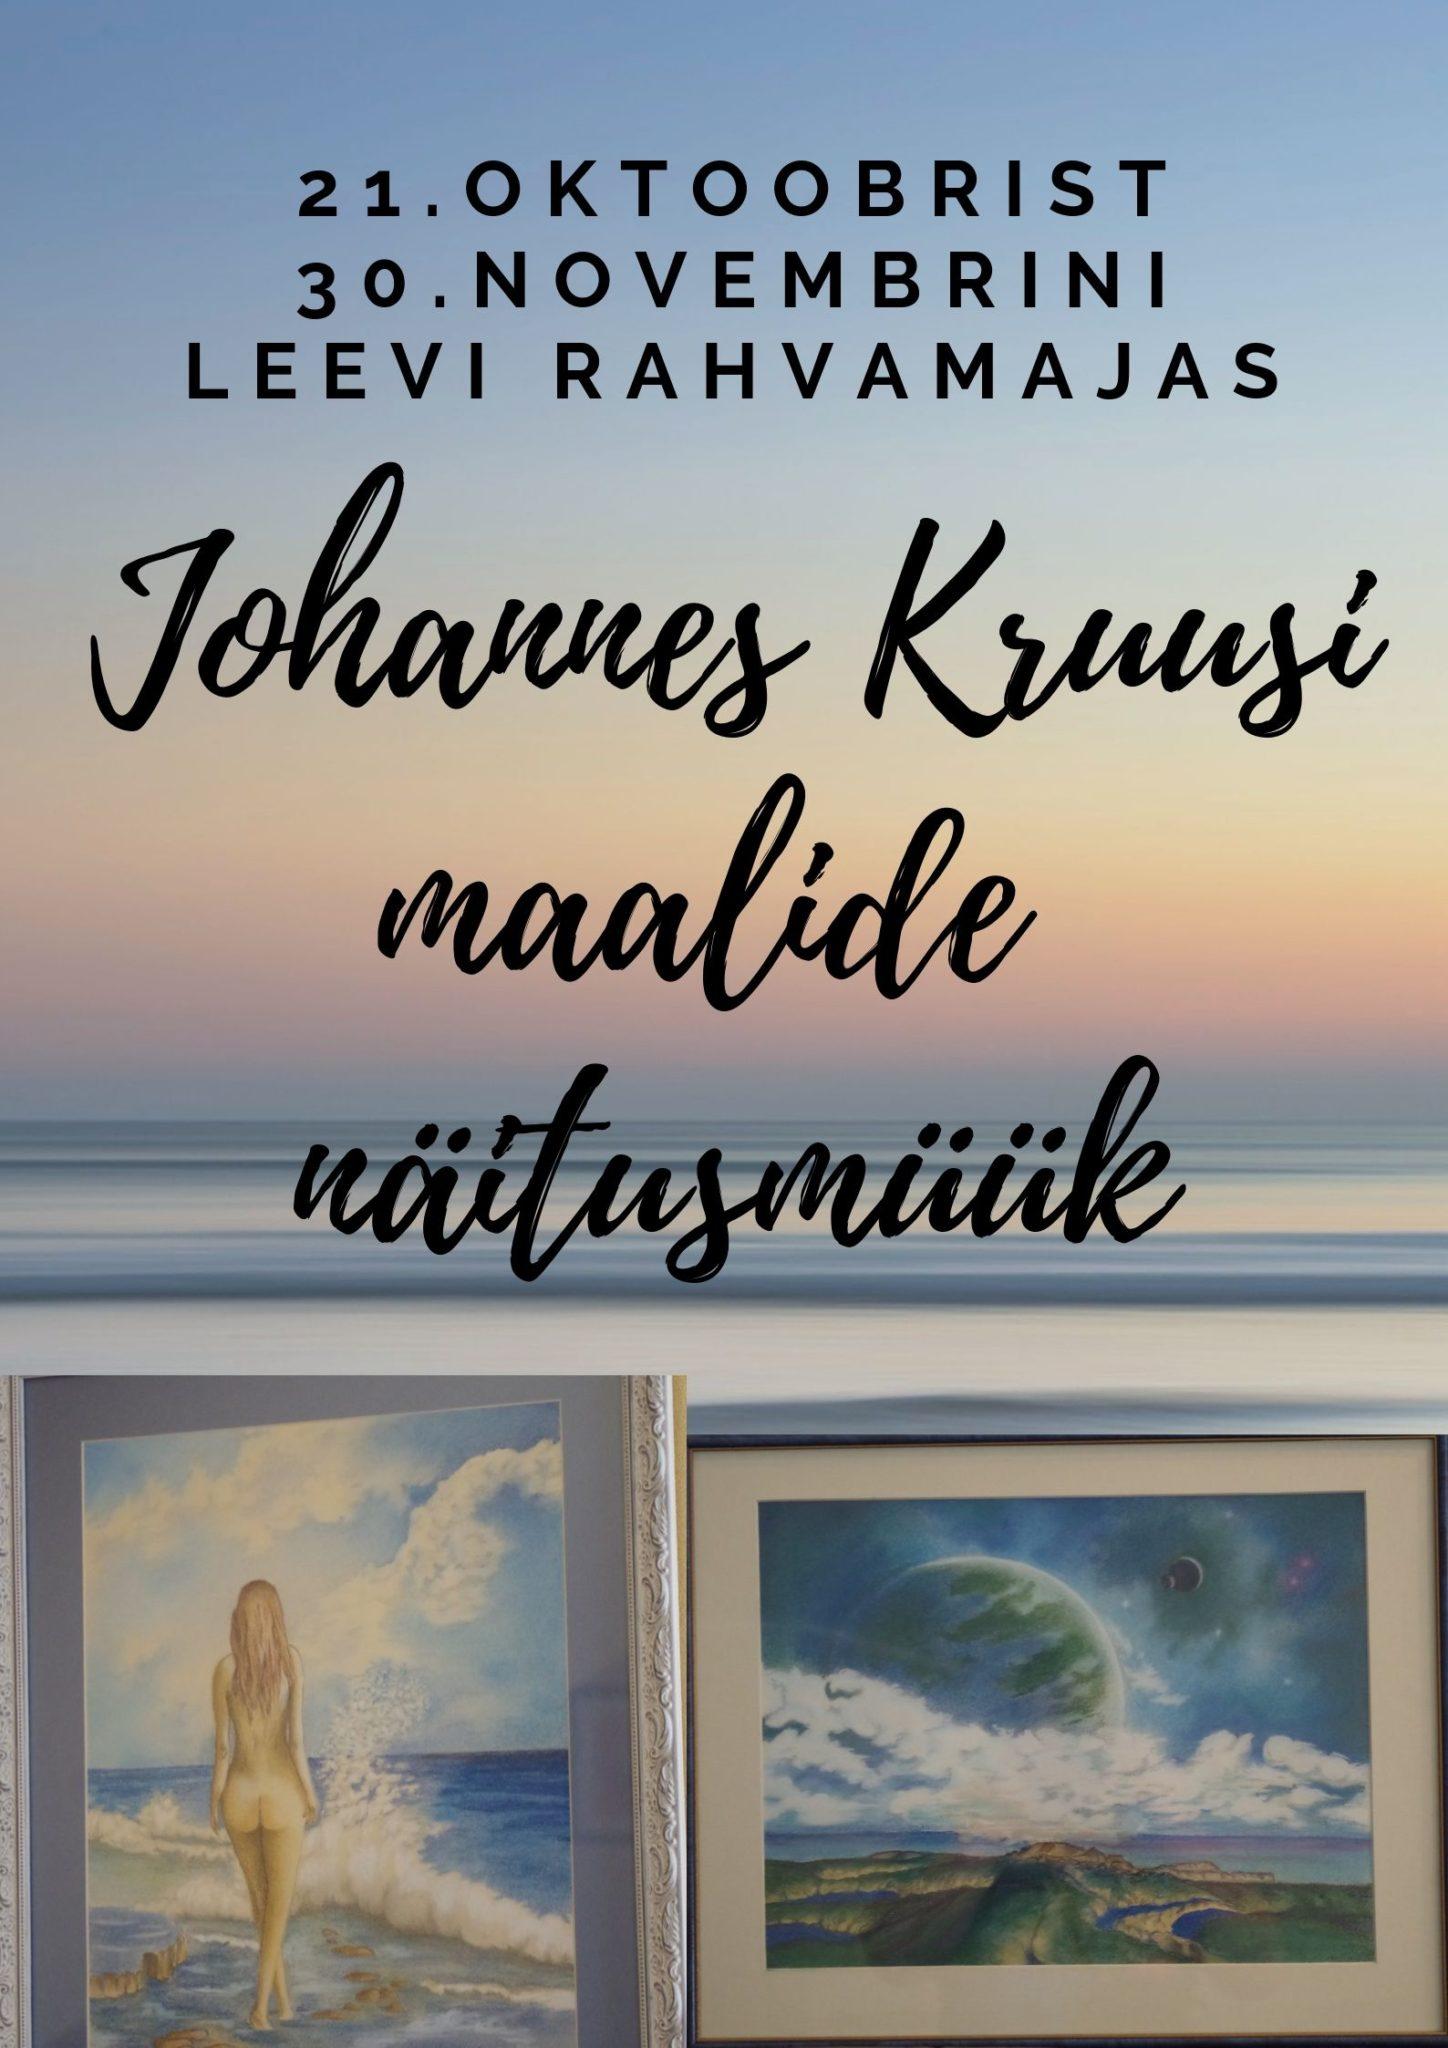 Photo of Johannes Kruusi maalide näitusmüük